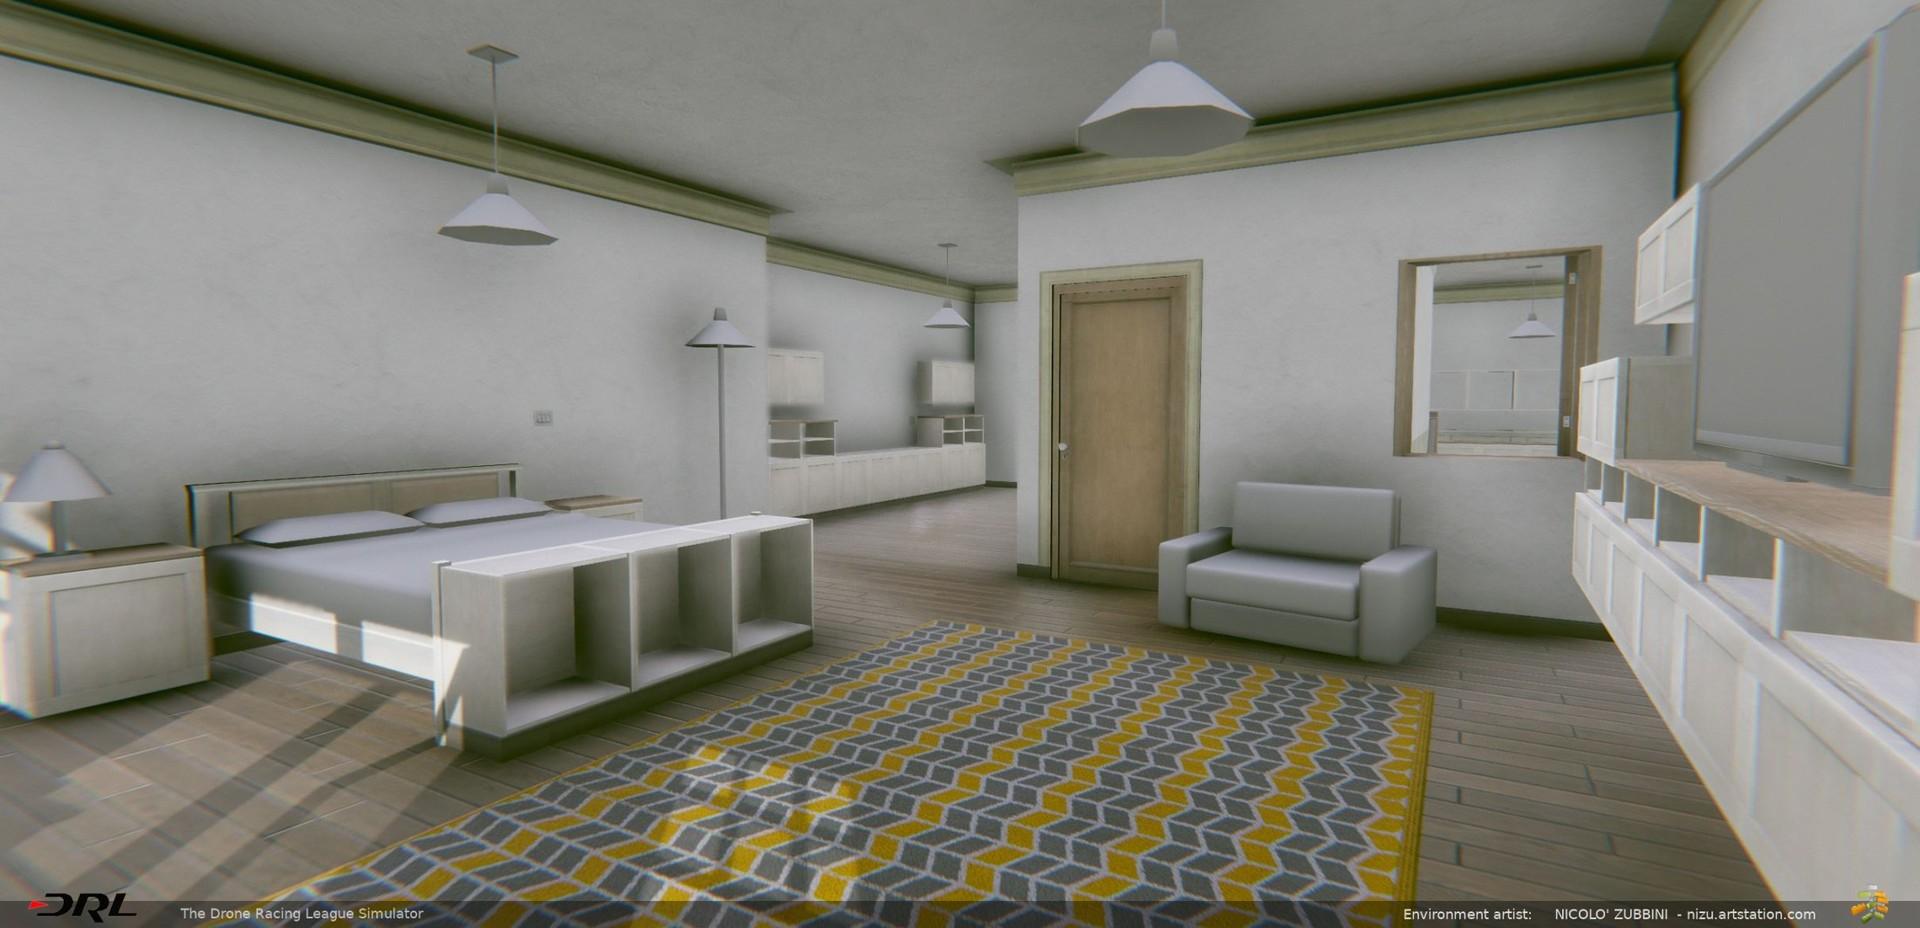 Nicolo zubbini cox house 04